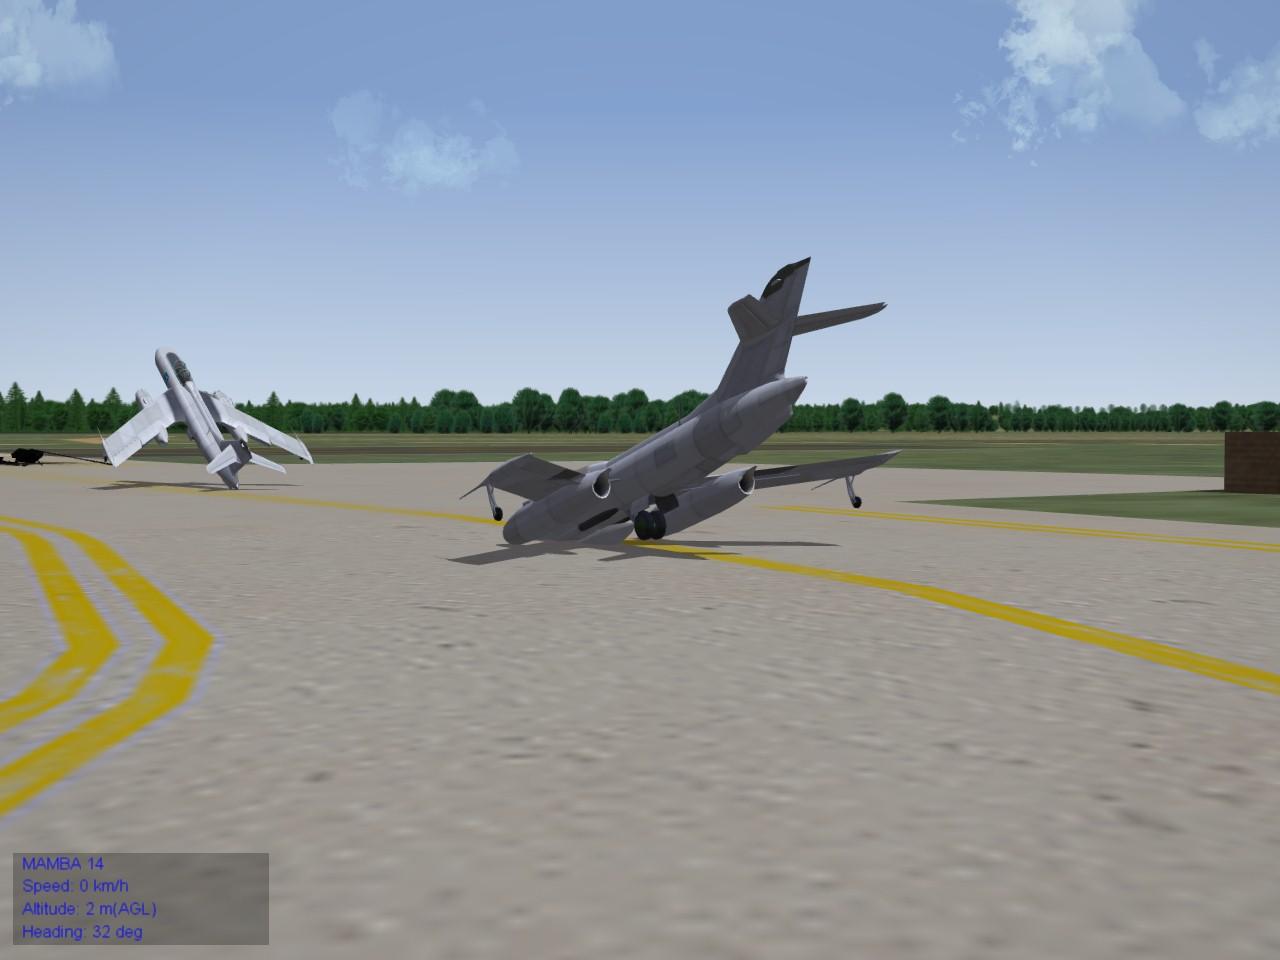 Mandrake M crashing on runway